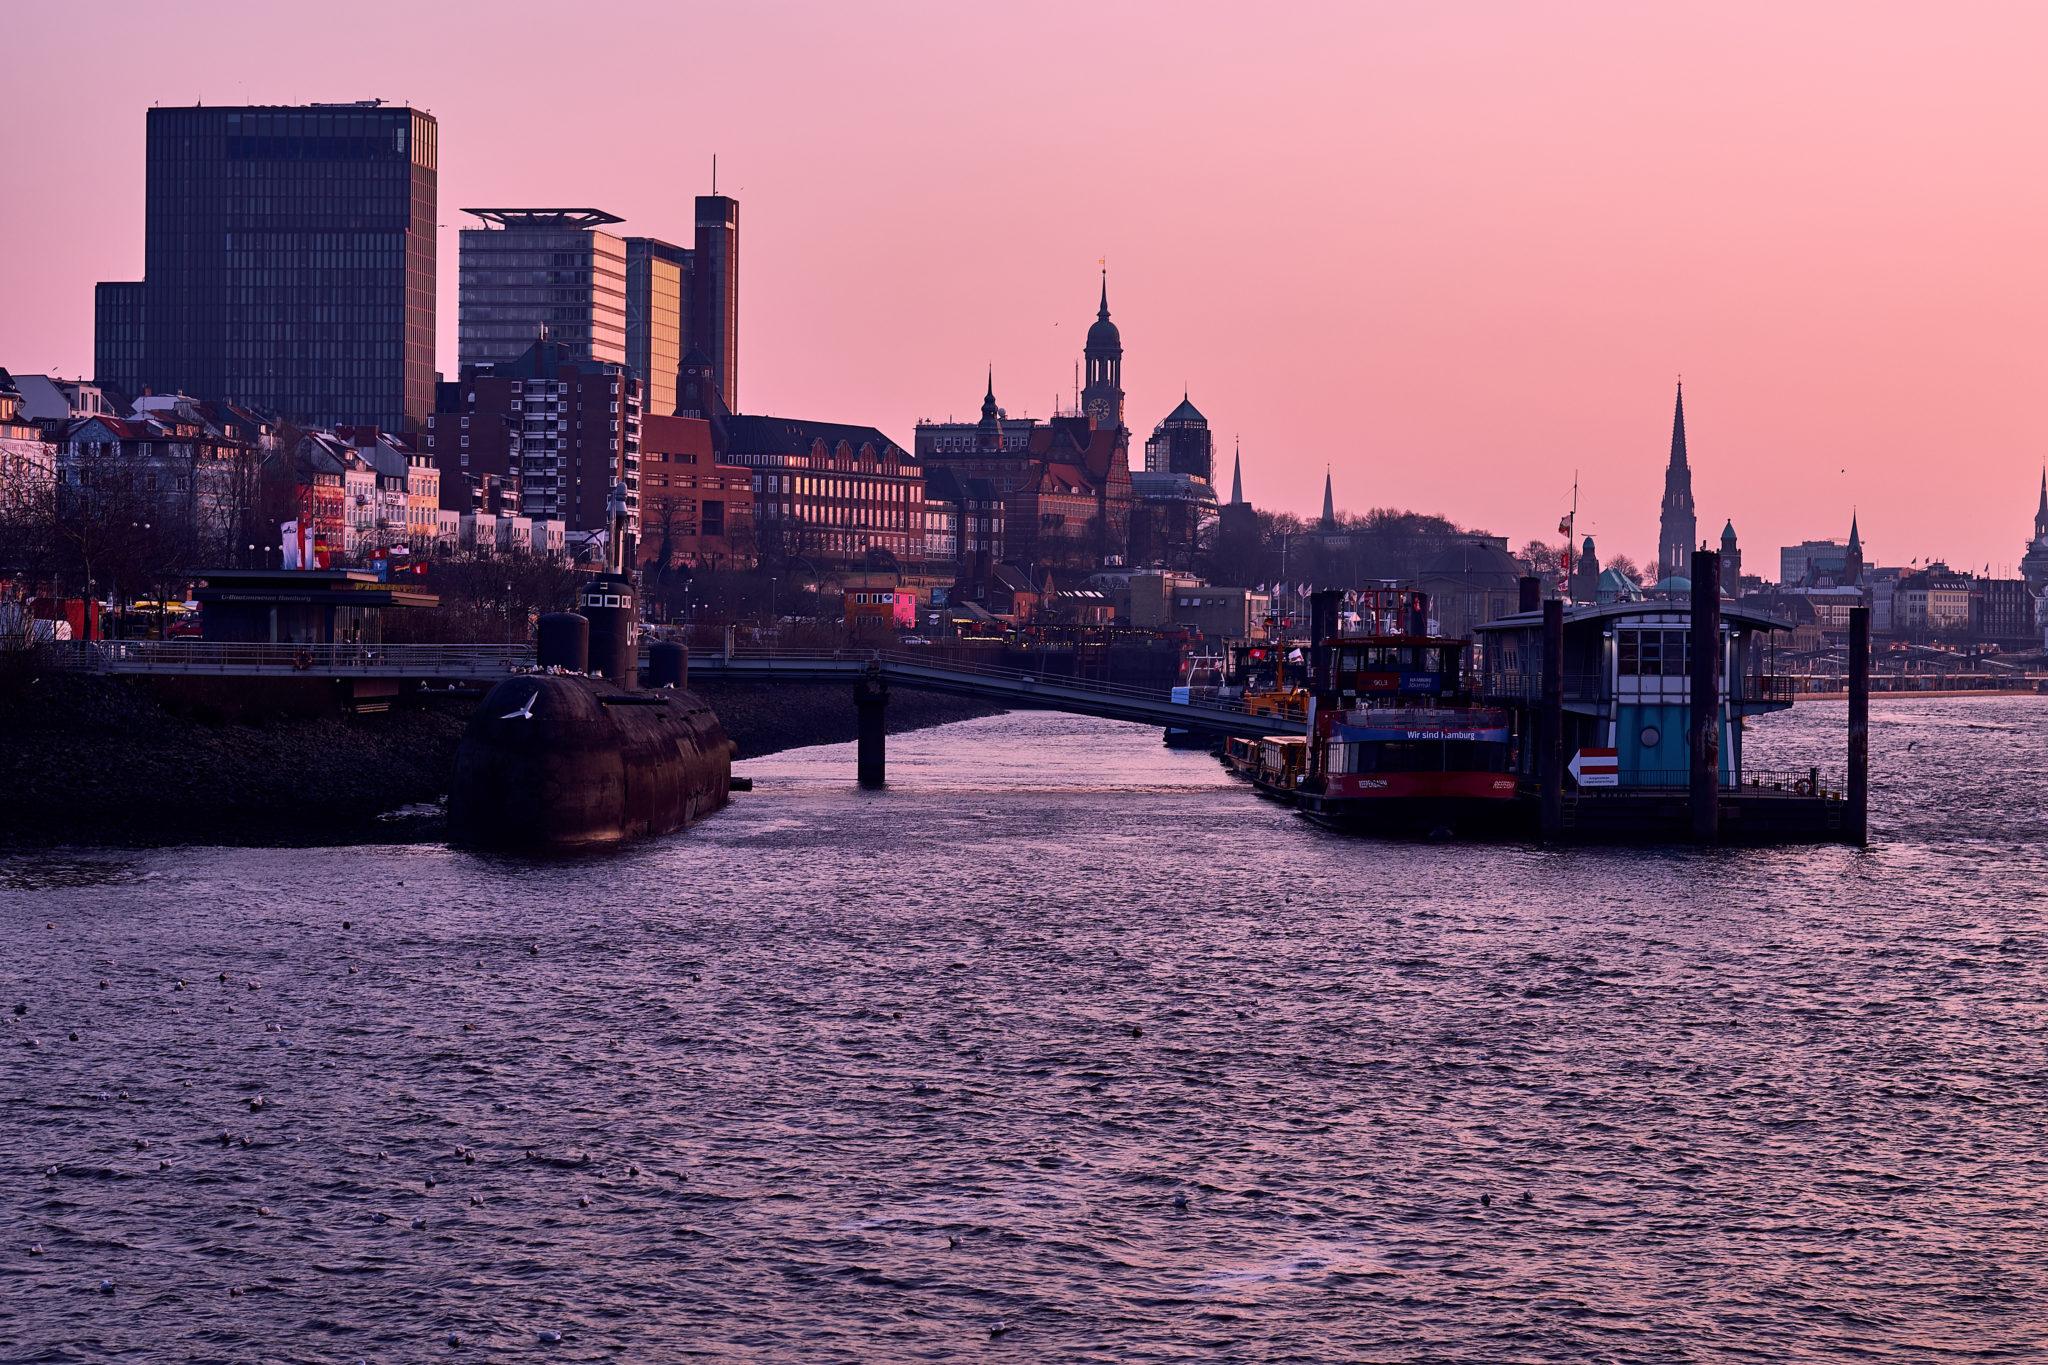 Hamburg_18-01-14_108_4